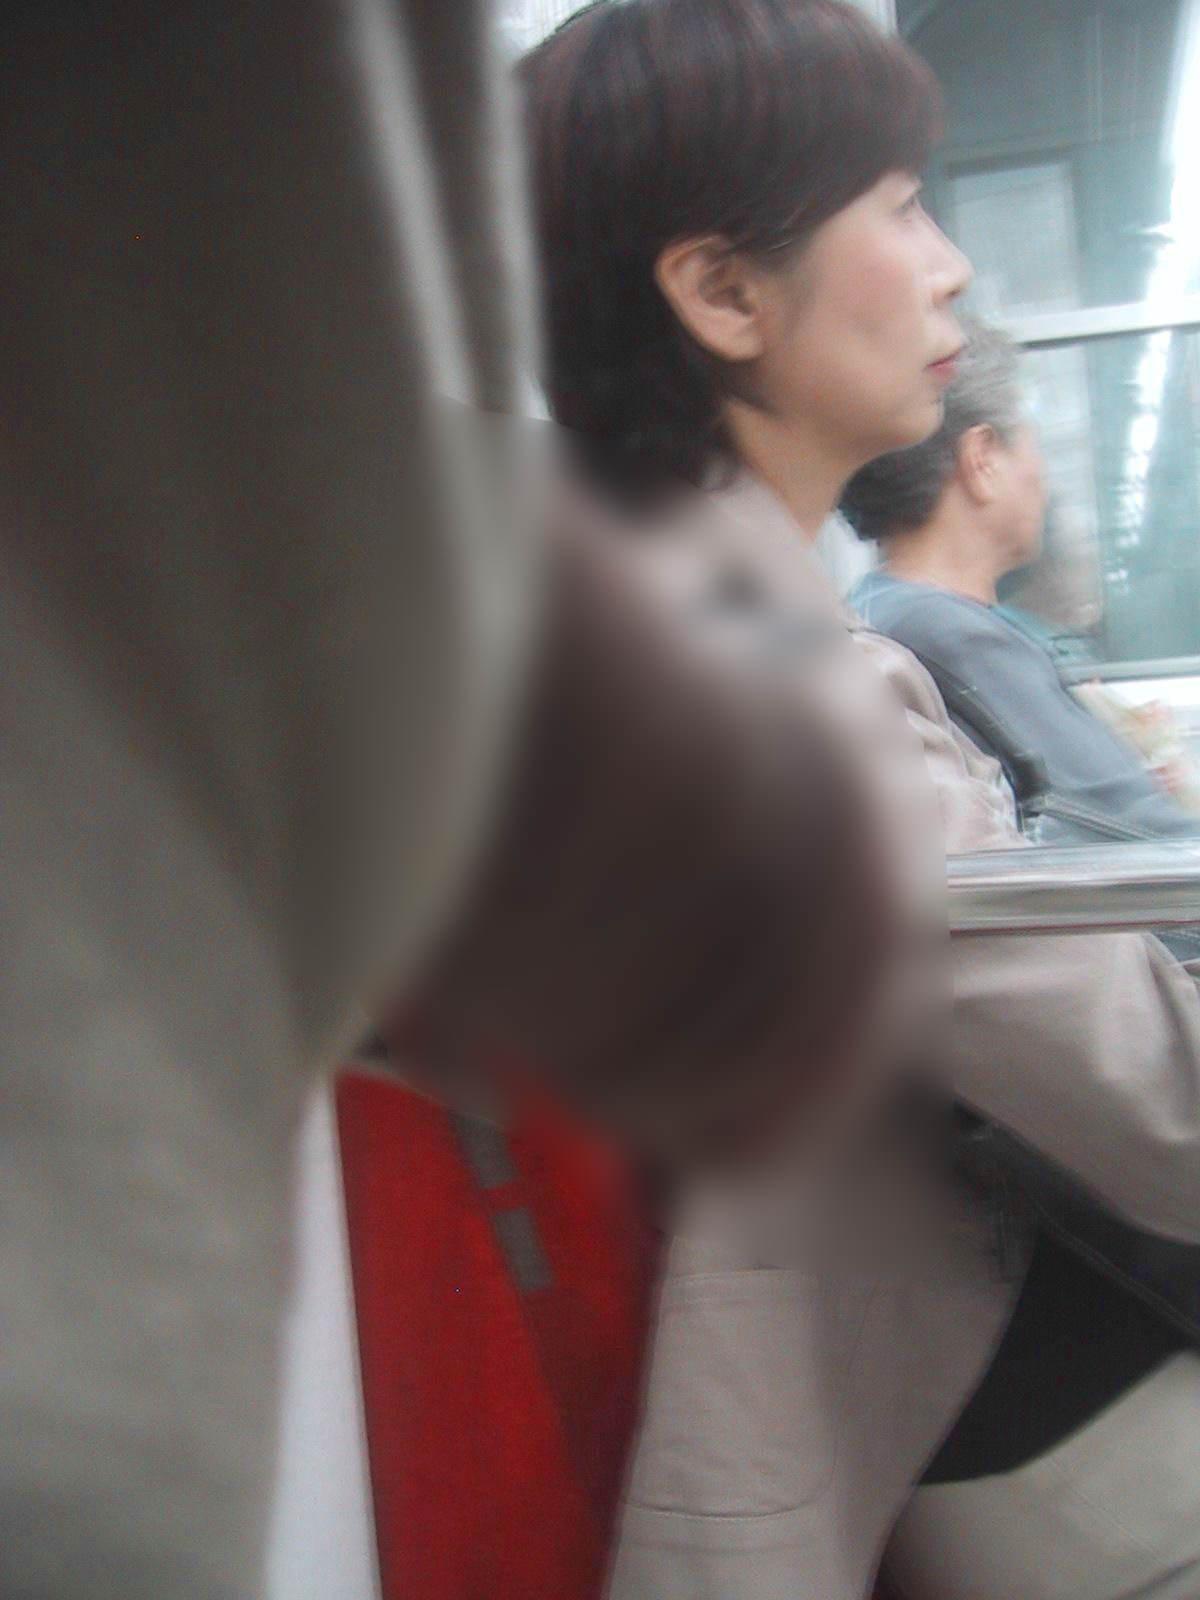 電車でちんこ出して痴漢するガチでヤバい奴現るwwwwwwwwww 0670